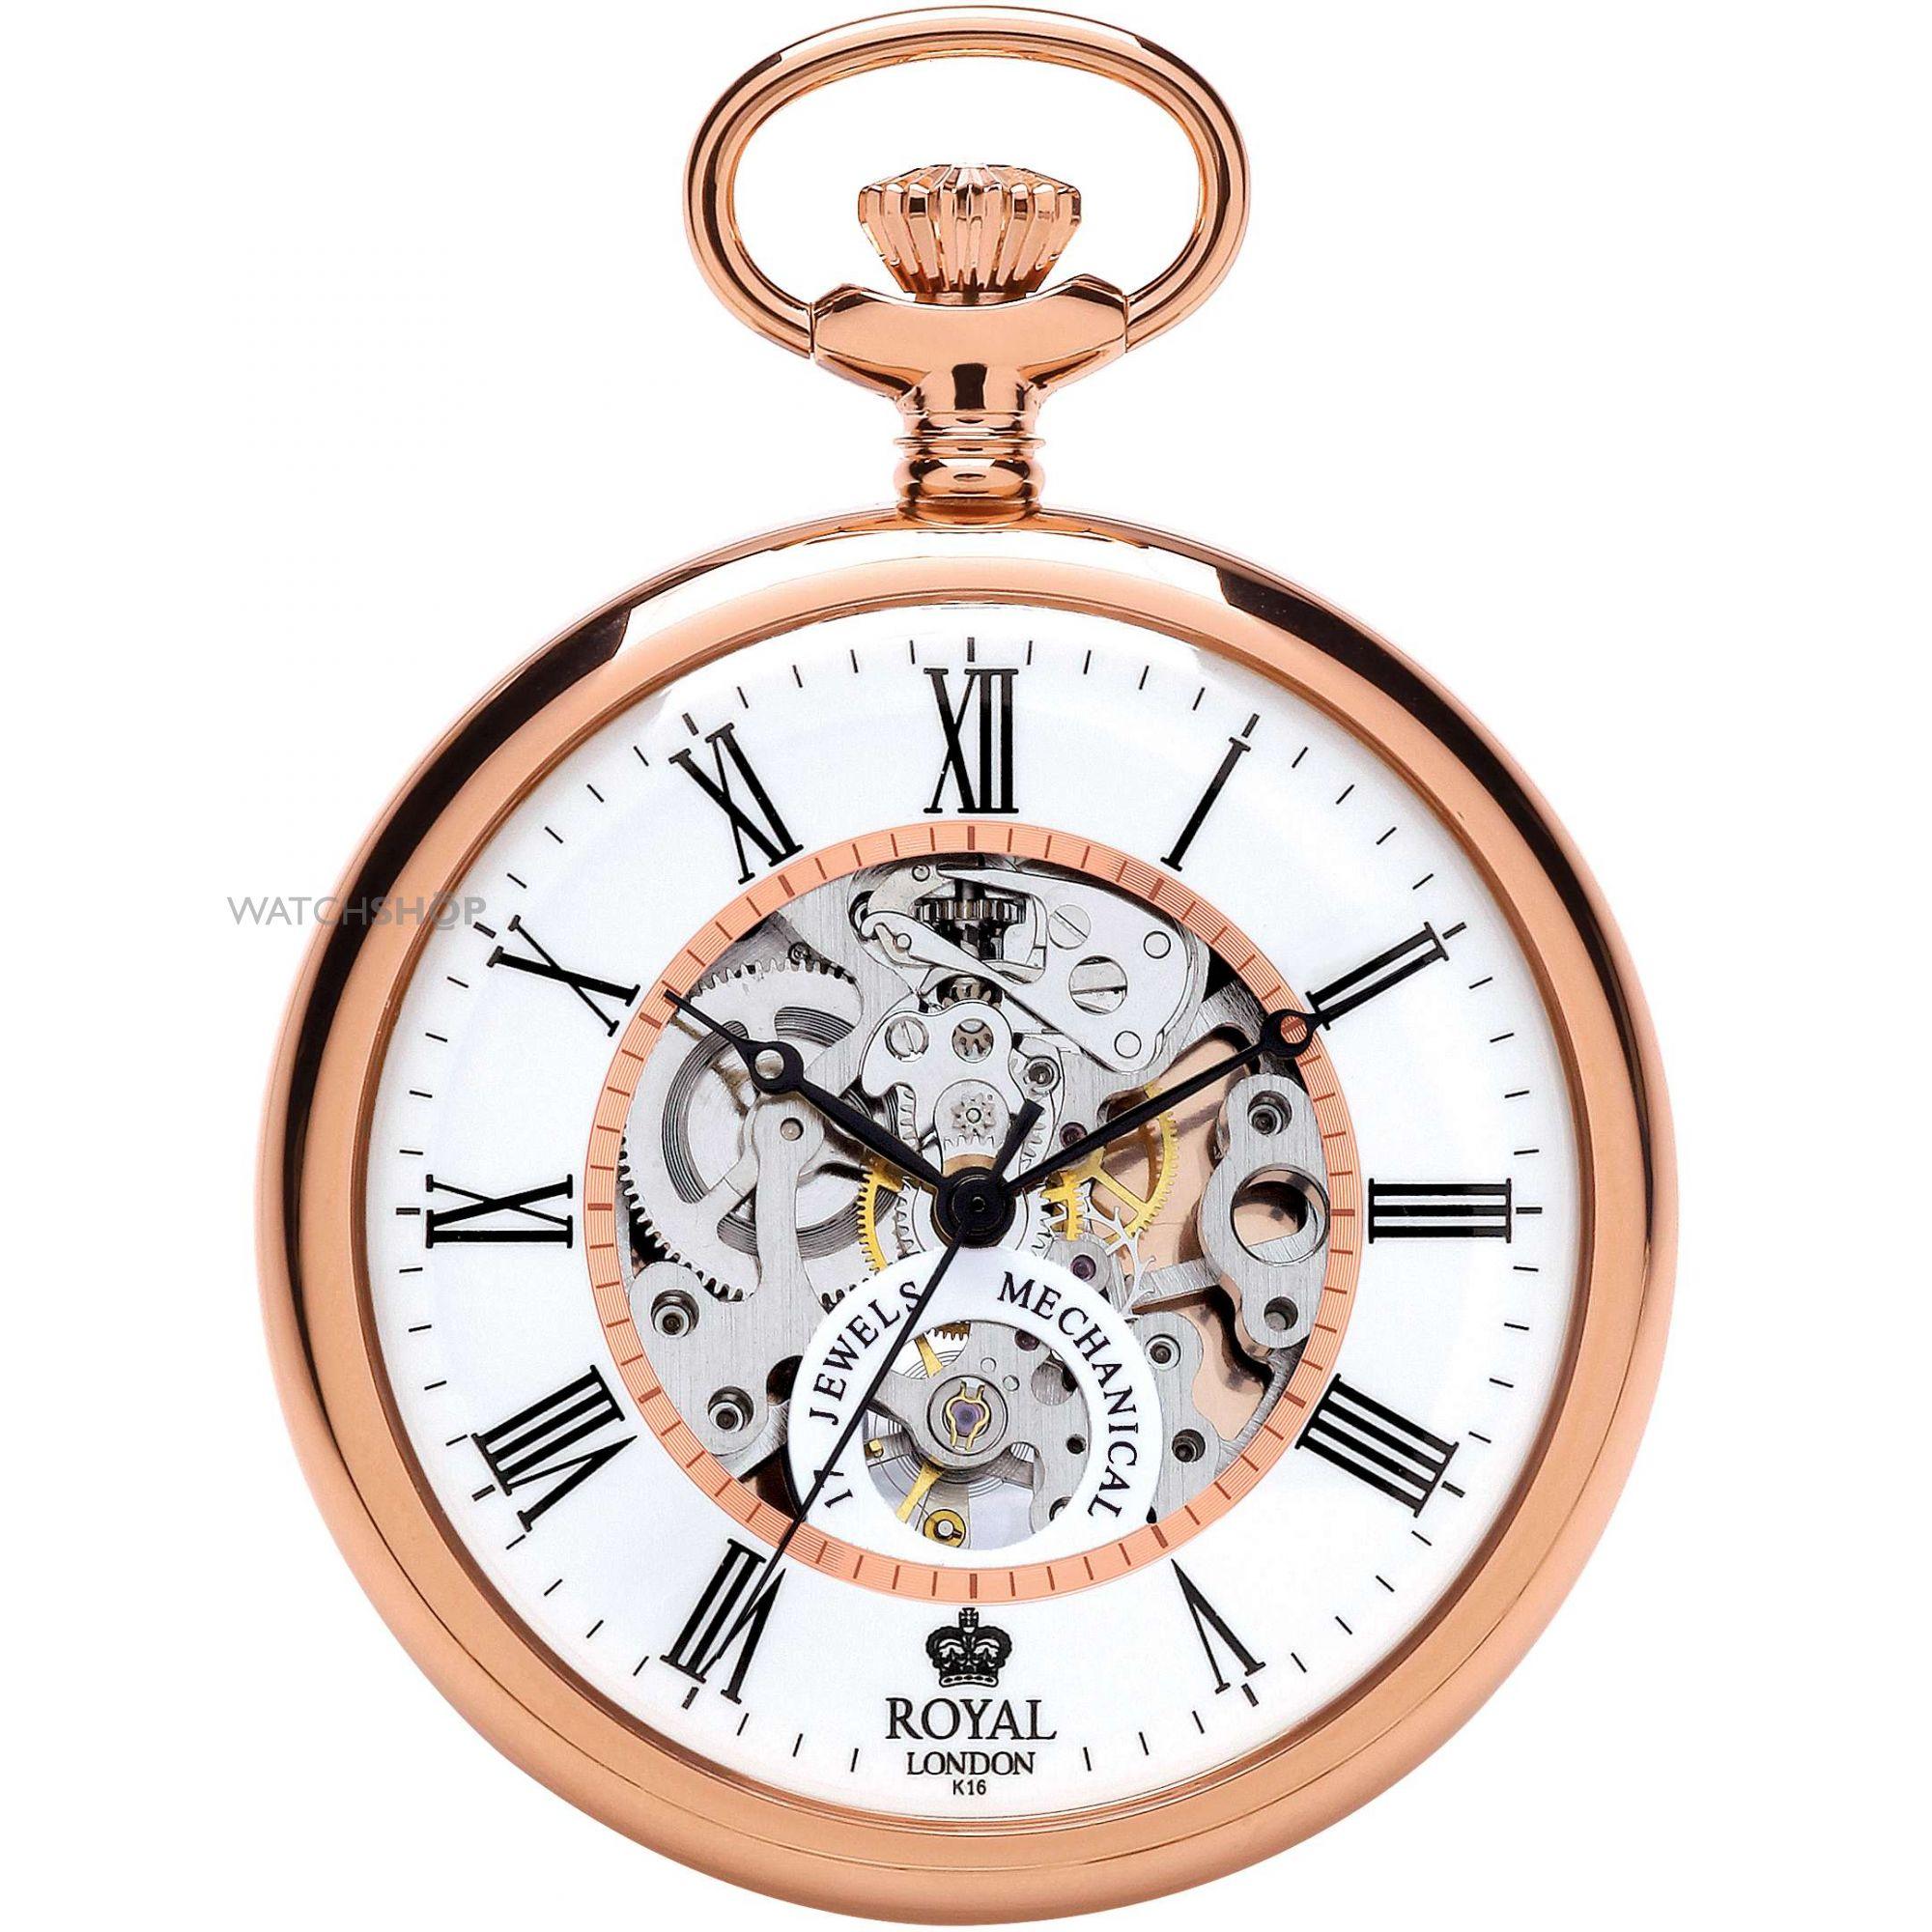 royal london mechanical watch 90049-03 crcwyaw